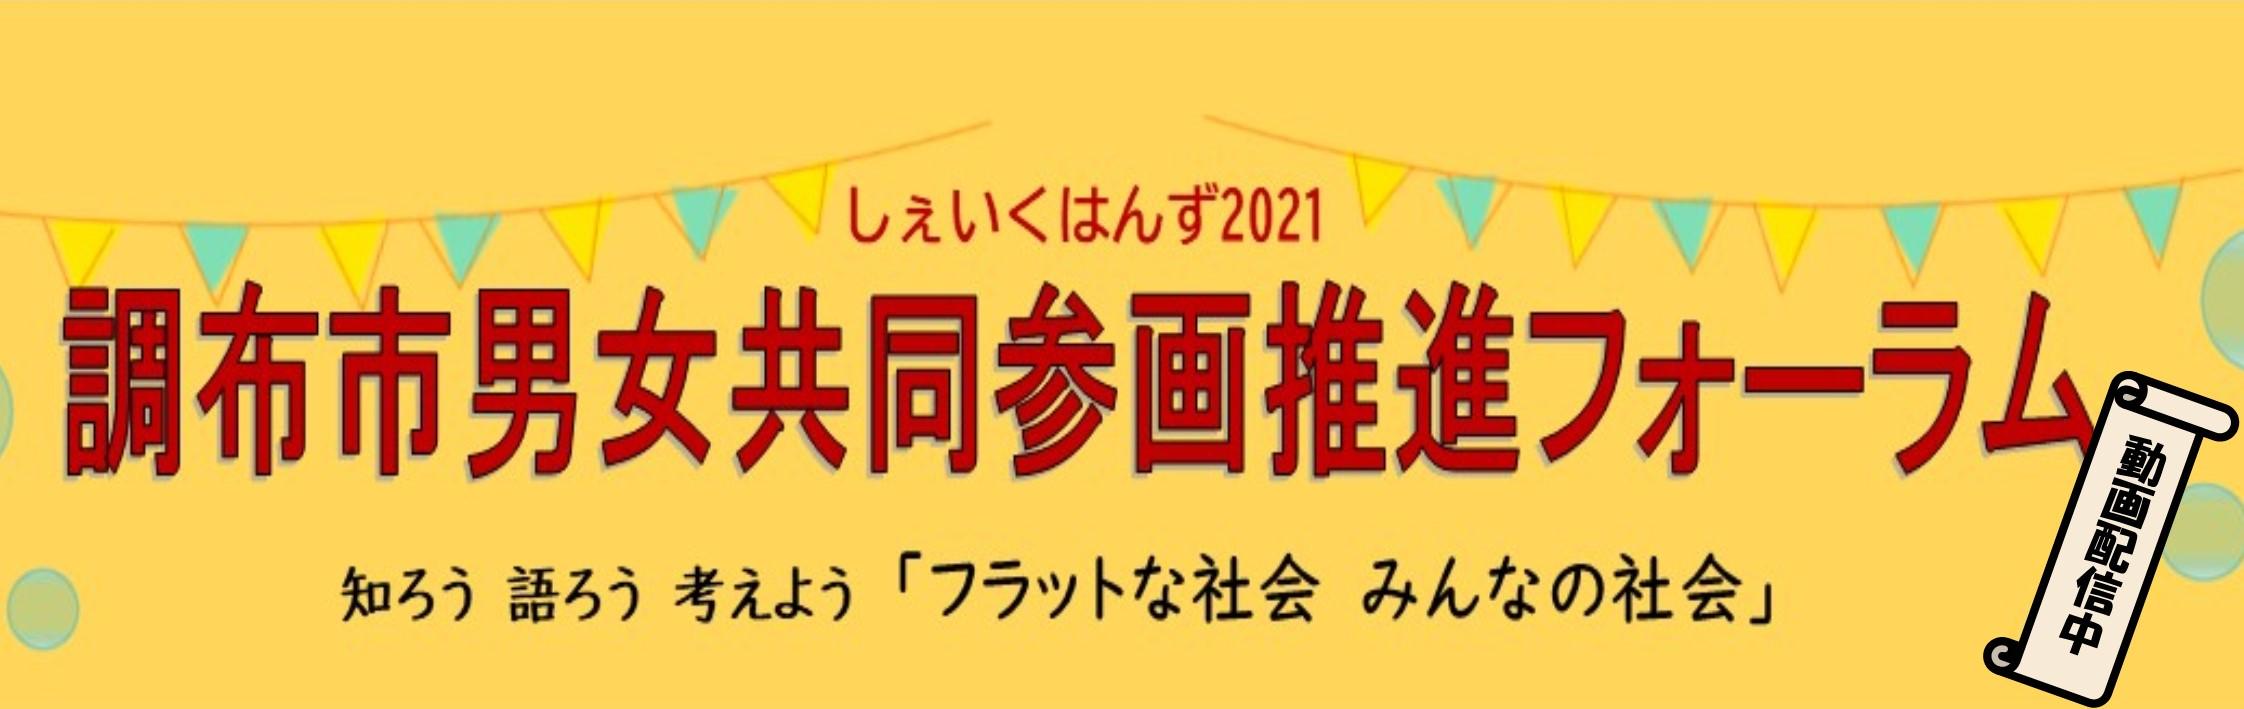 男女共同参画推進フォーラム2021動画配信中